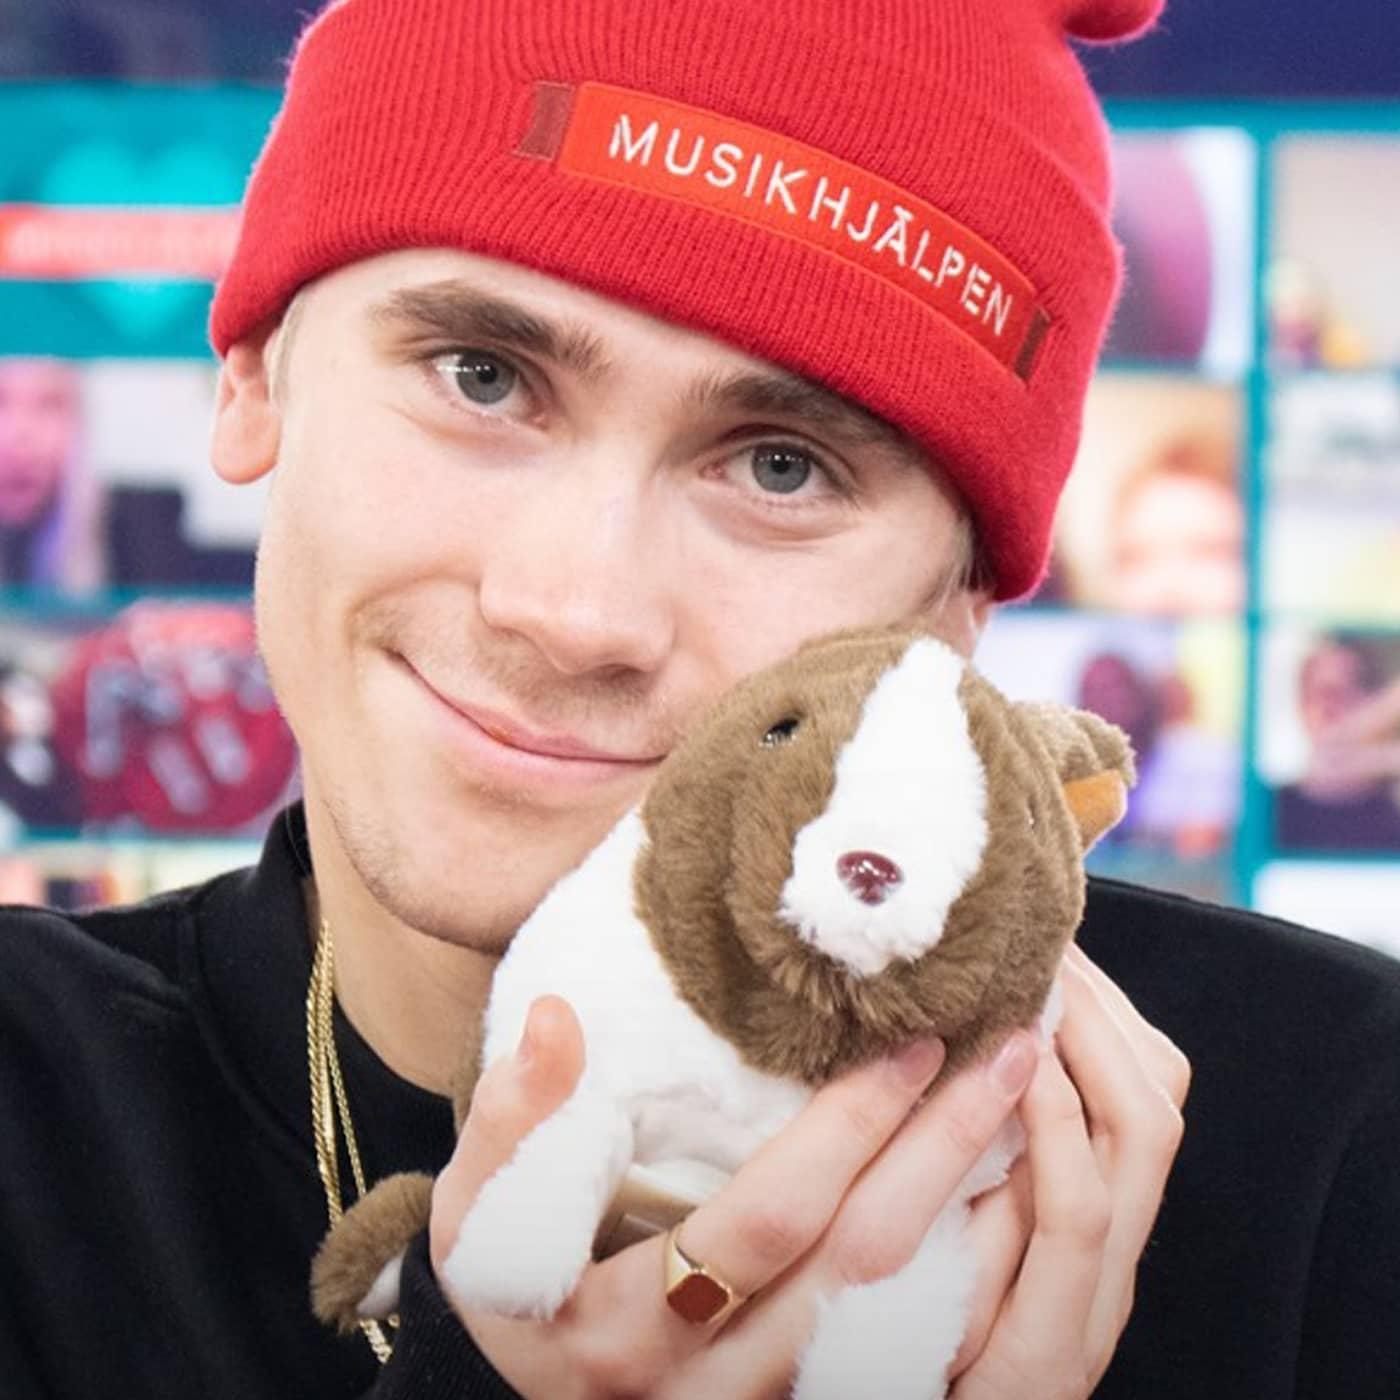 7. Musikhjälpenpodden: Kaninerna knäcker Felix Sandman